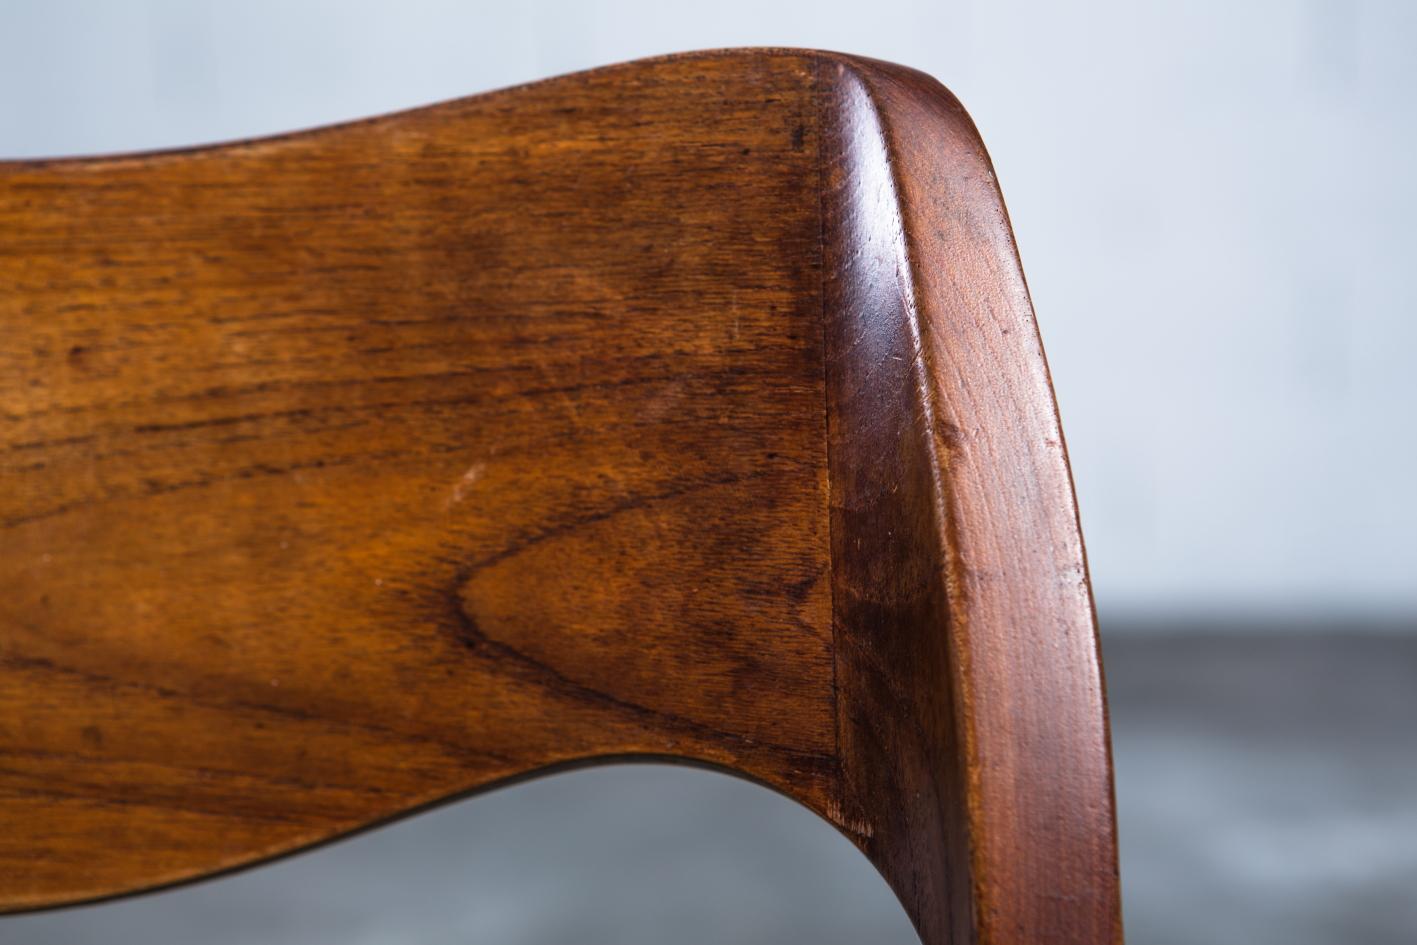 Model 71 teak chairs - Niels O. Møller for J.L. Møller - Teak detail